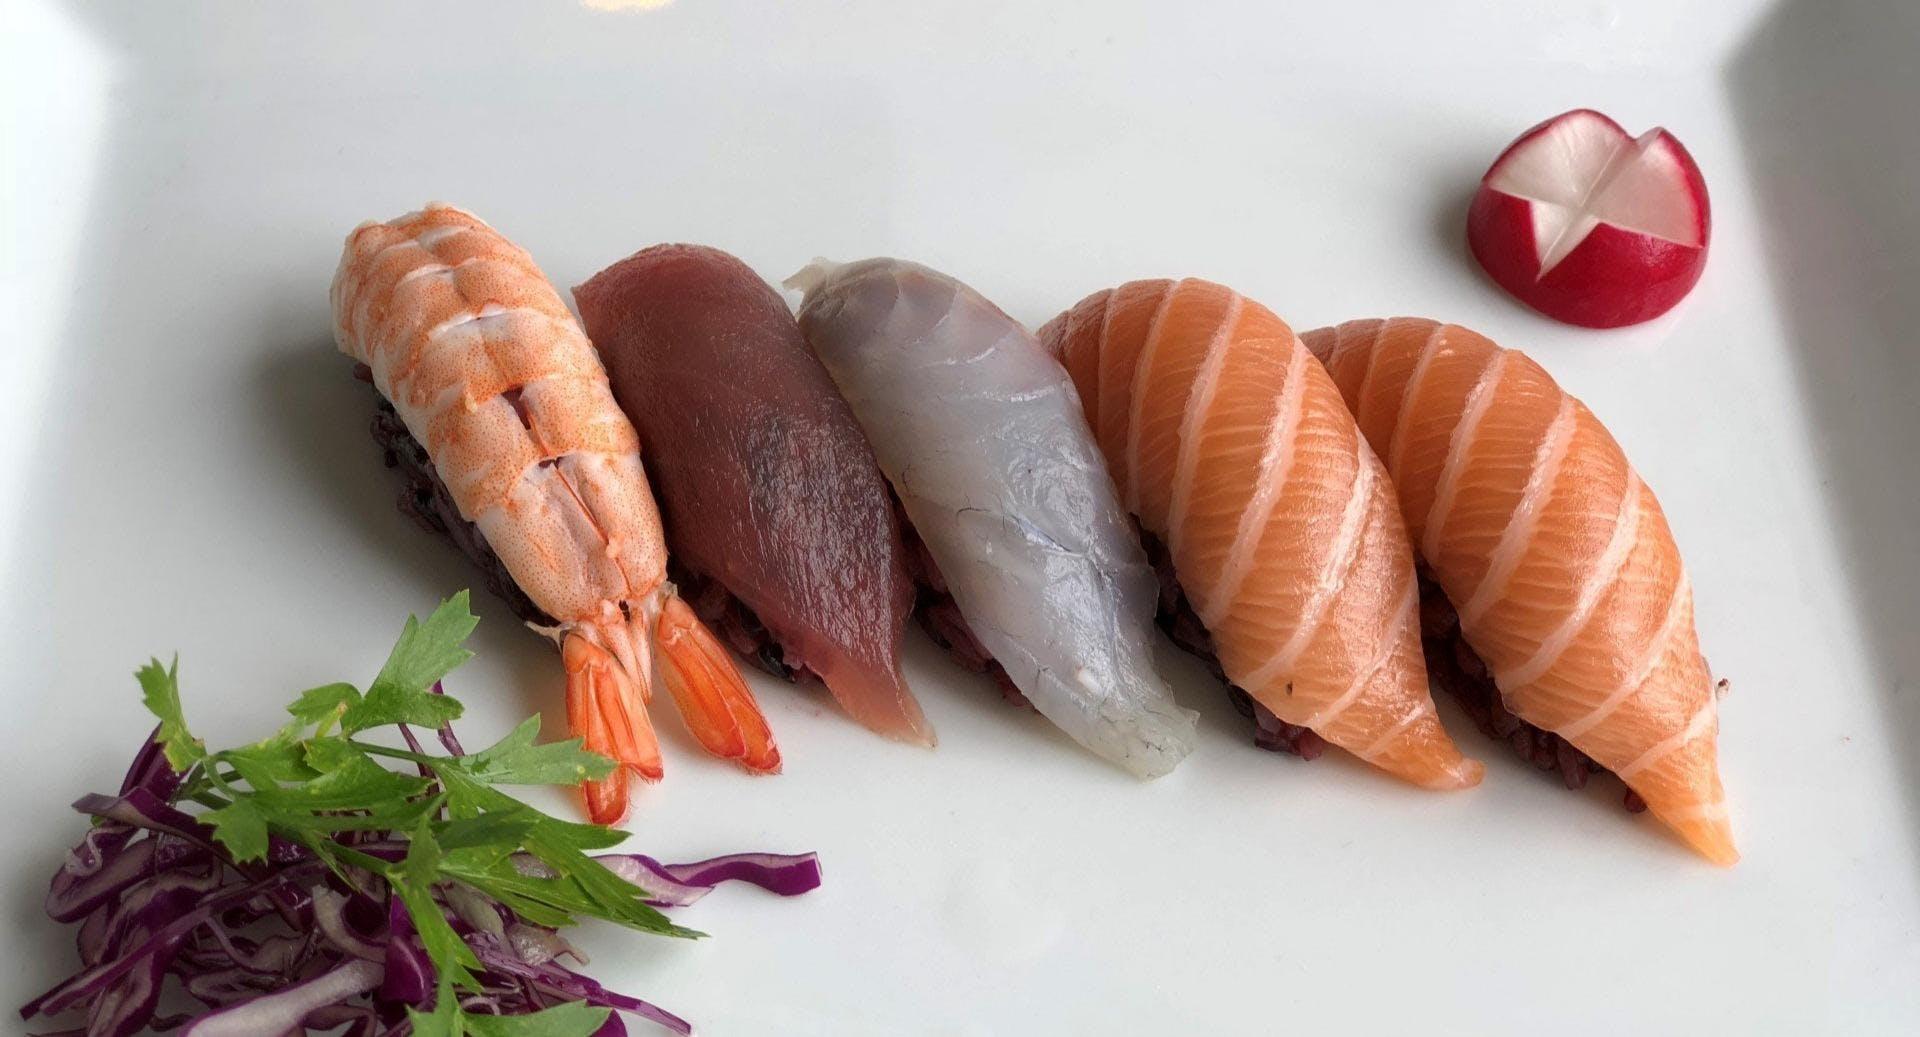 Izumi Fusion Restaurant